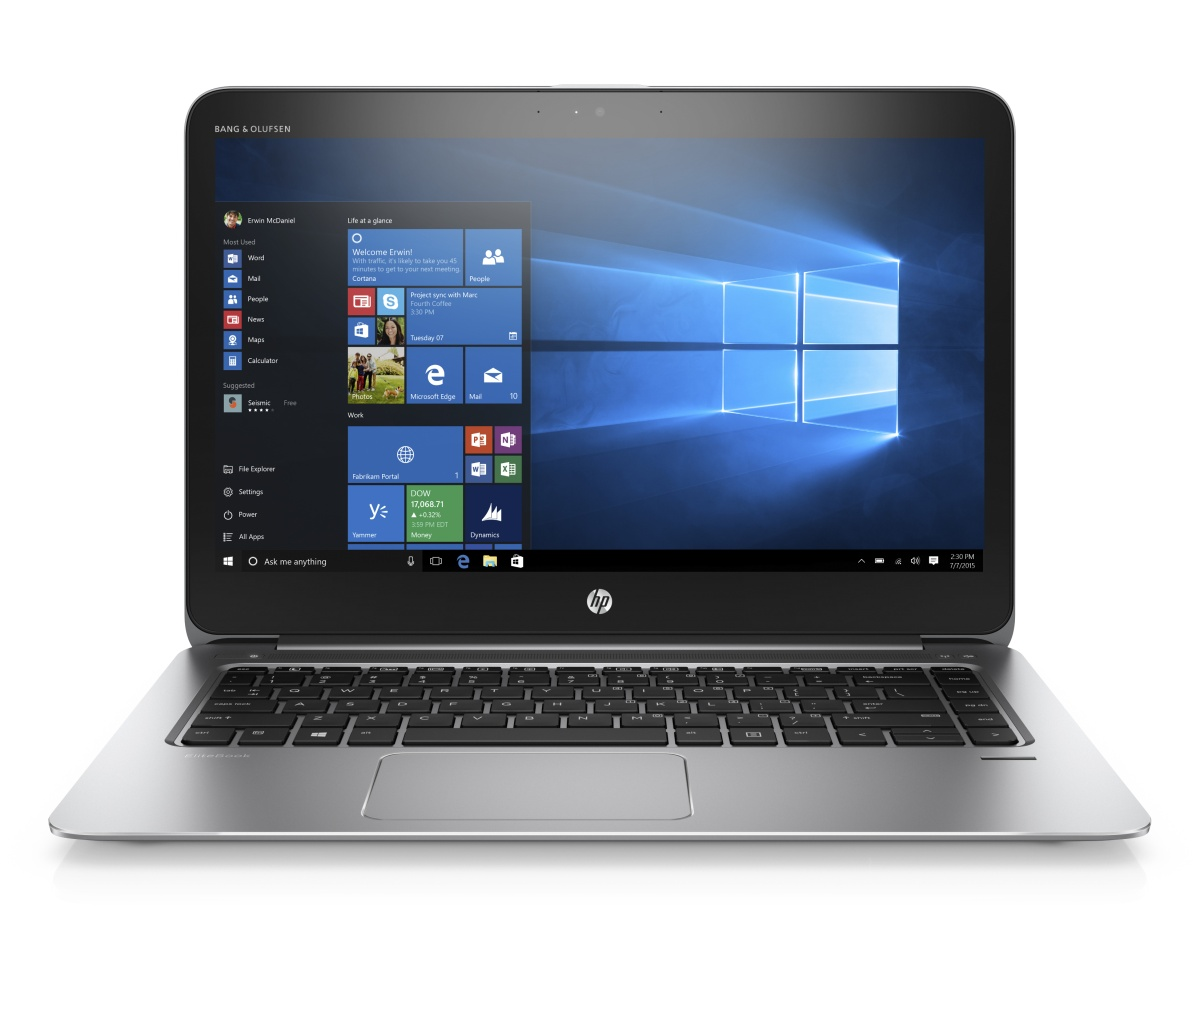 """HP EliteBook 1040 G3 i7-6500U 14"""" FHD privacy touch CAM, 8GB, 512GB, ac, BT, backlit keyb, NFC, RJ45-VGA Adapt, 6C LL ba"""